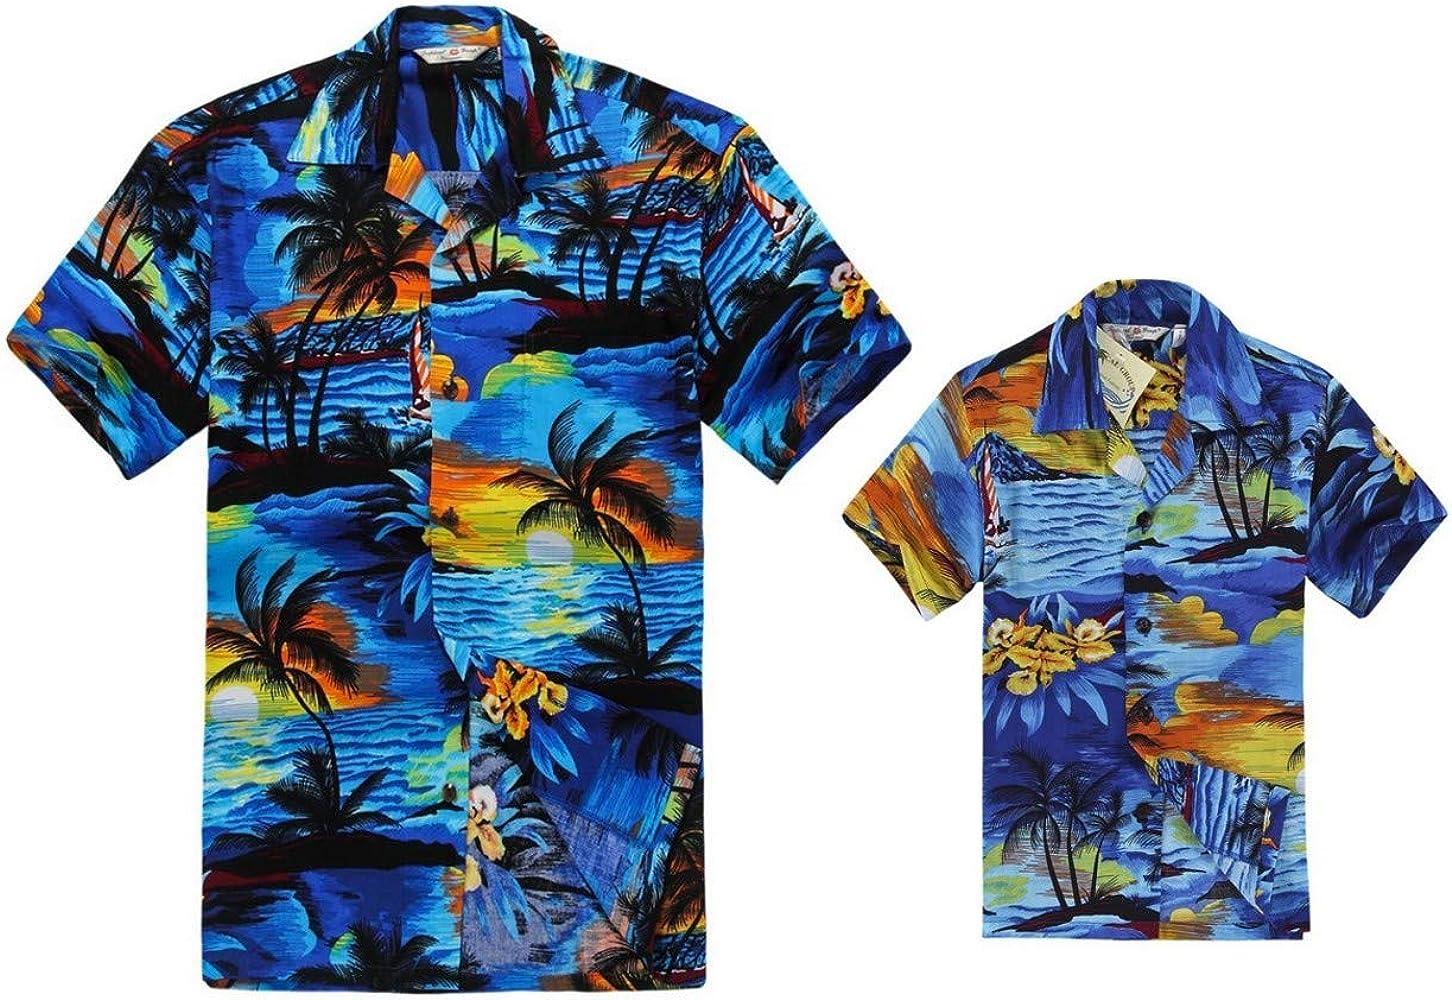 Juego Hawaiano Traje de Luau Camisa de Hombre Camisa de niño en Puesta de Sol Azul Hombre S Chico 10: Amazon.es: Ropa y accesorios